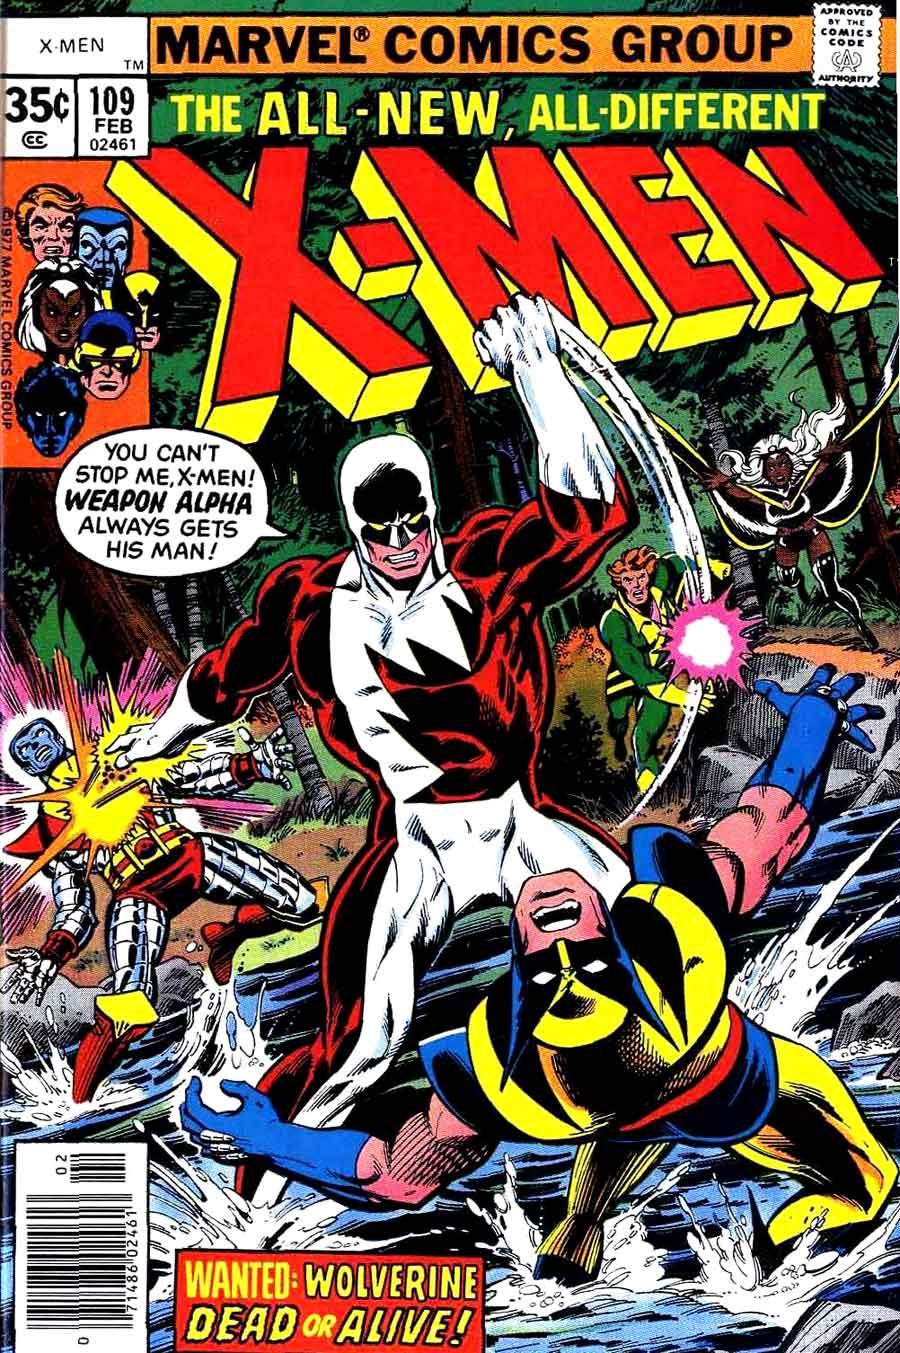 Marvel Comic Book Cover Art : X men john byrne art pencil ink